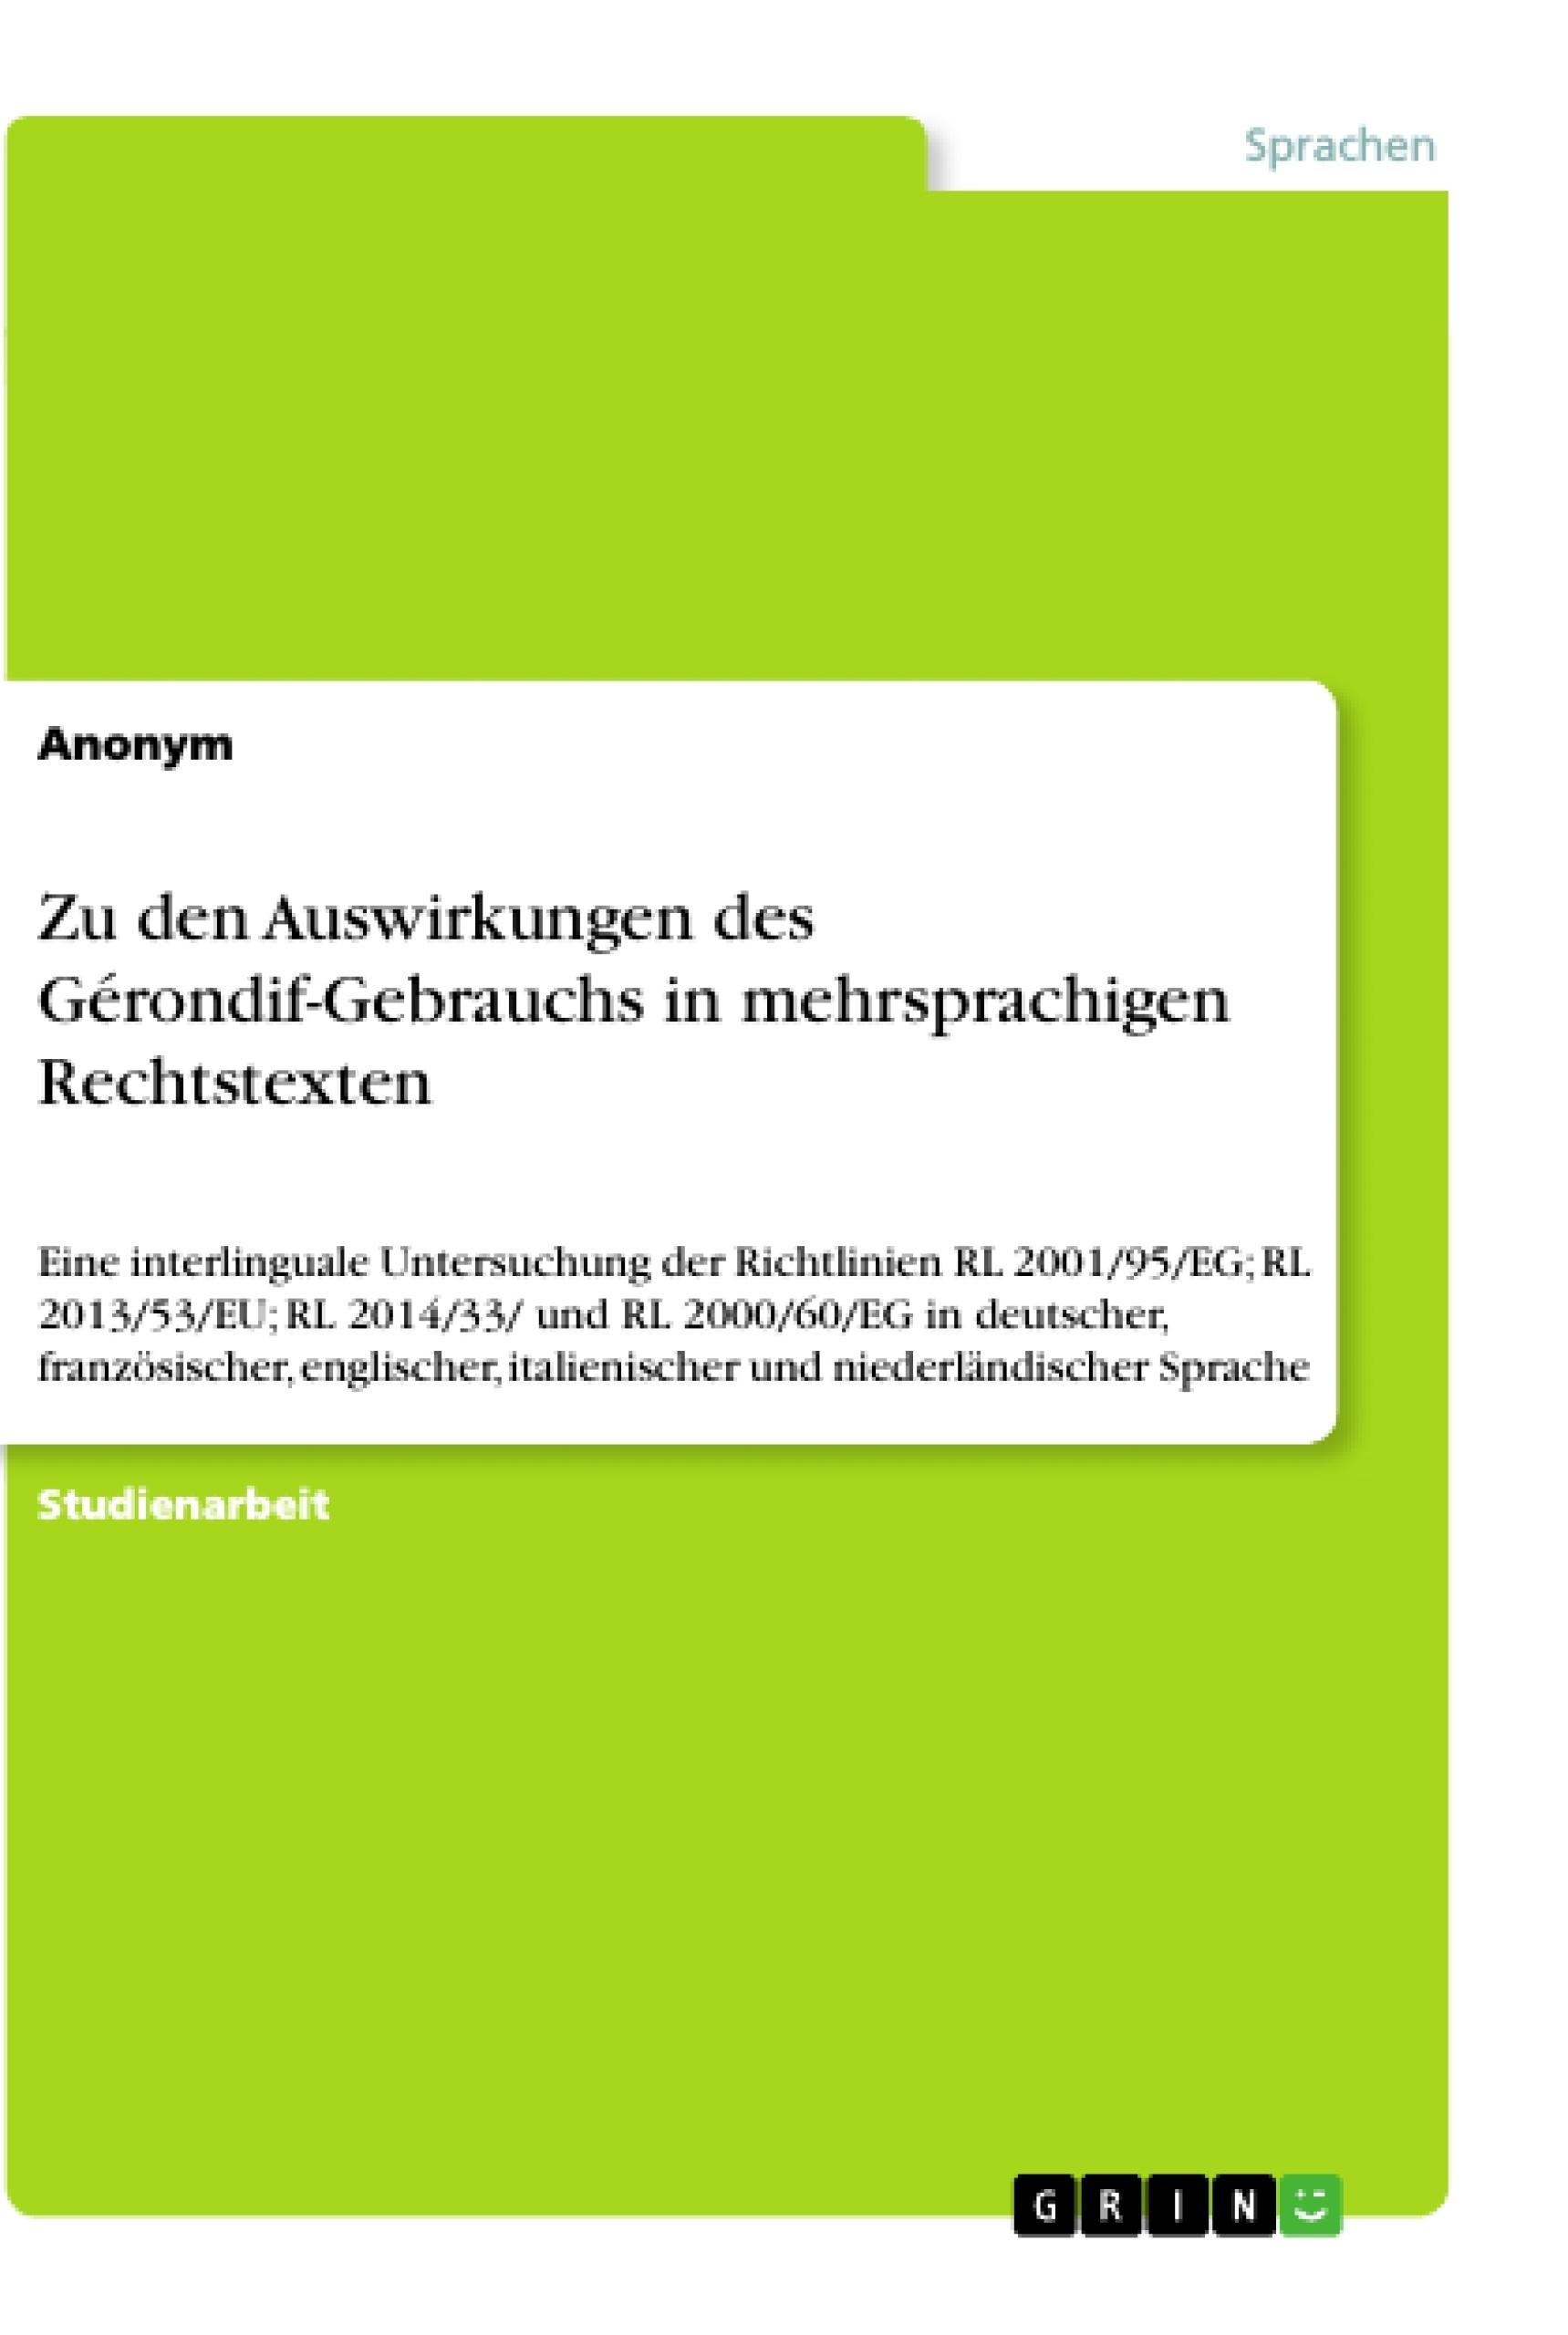 Titel: Zu den Auswirkungen des Gérondif-Gebrauchs in mehrsprachigen Rechtstexten